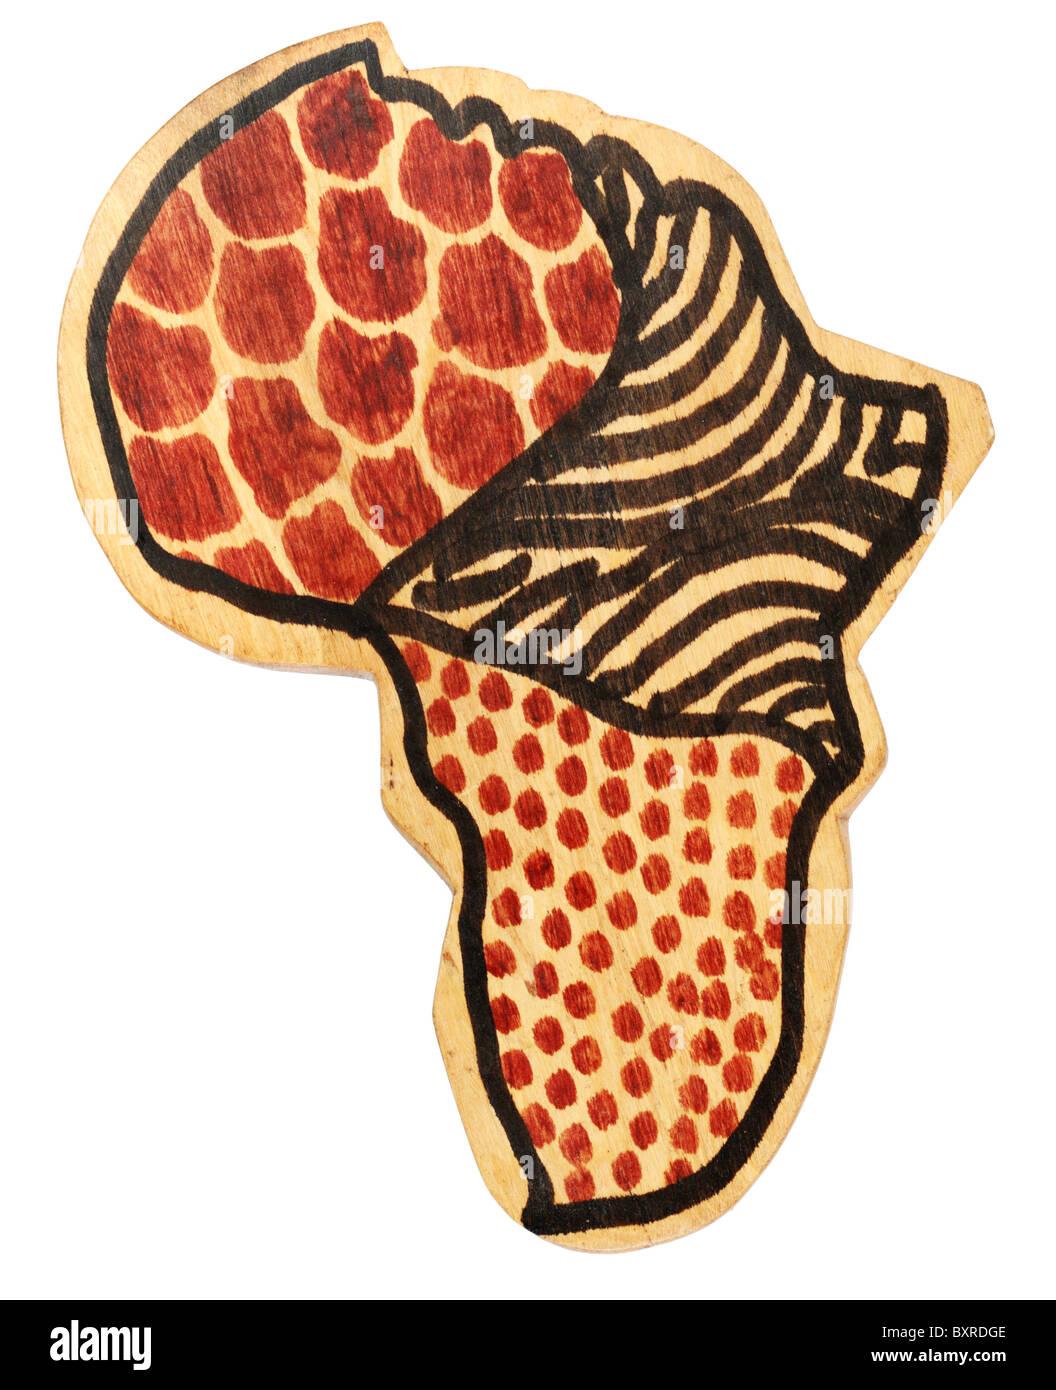 hölzerne afrikanischen Kontinent mit Tierfell Designs auf sie isoliert auf weiß Stockbild